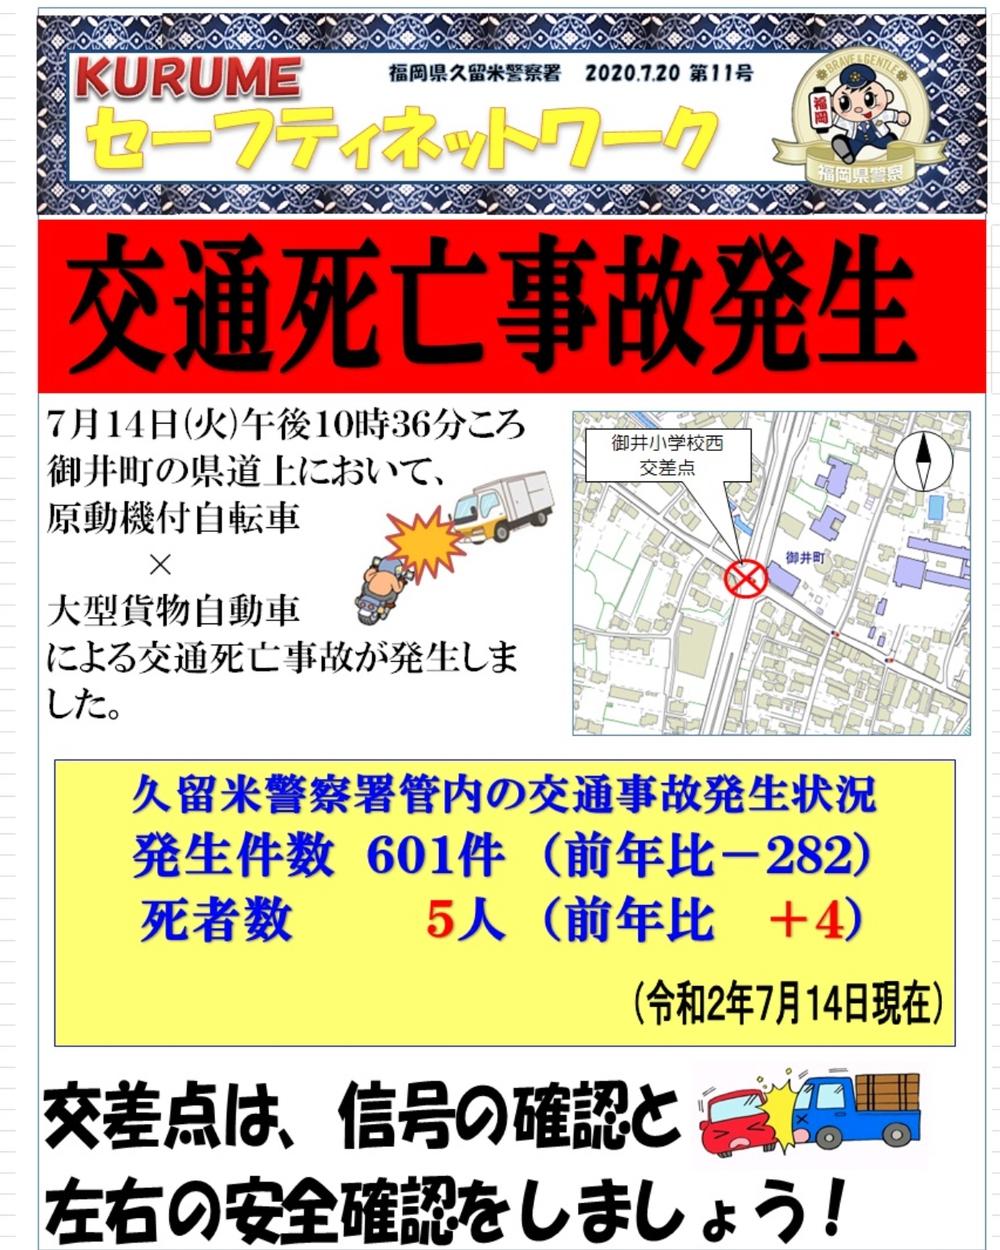 御井小学校西交差点で死亡事故